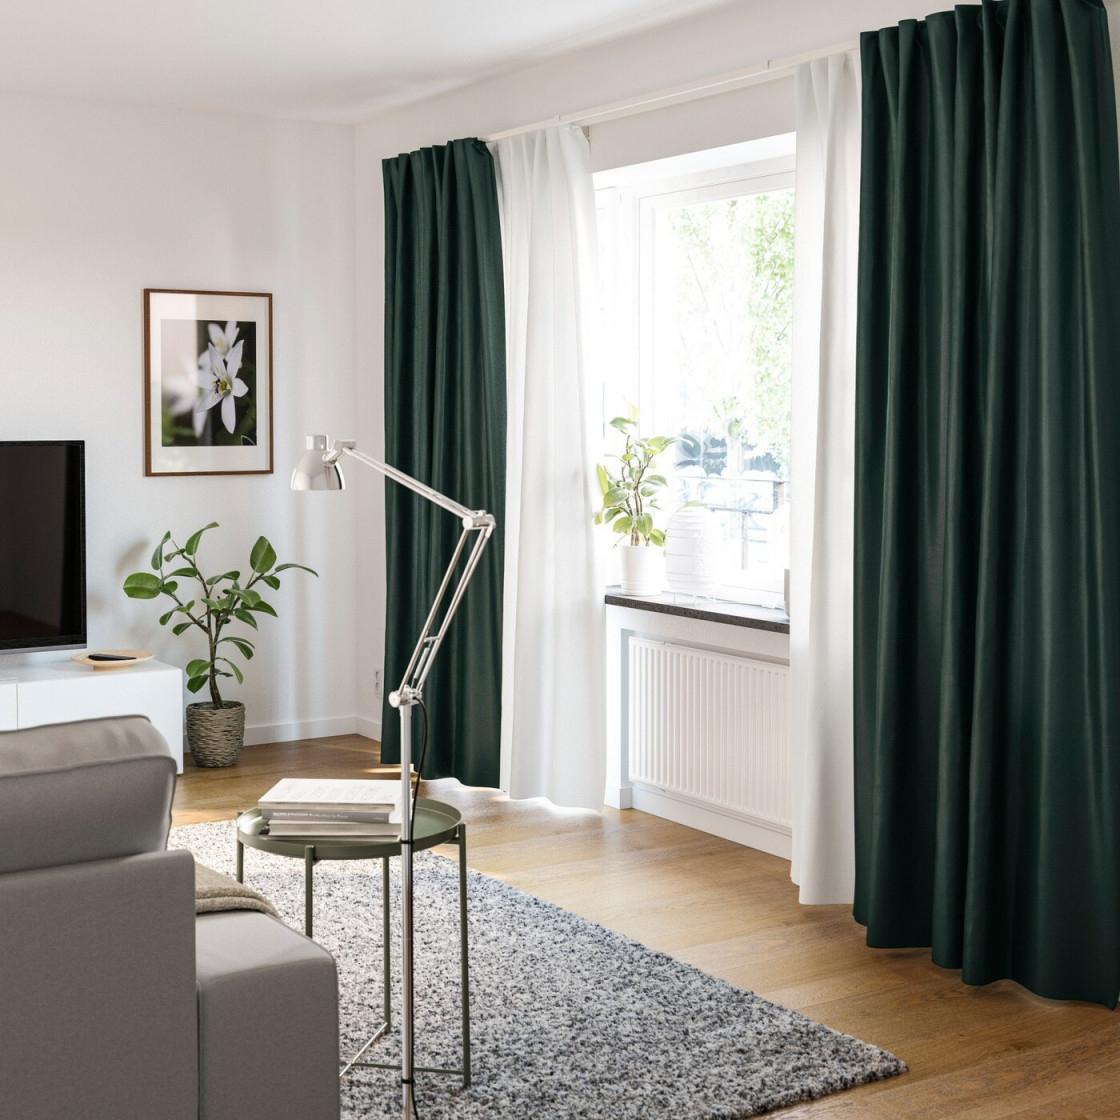 Gardinenideen Inspirationen Für Dein Zuhause  Ikea von Vorhänge Wohnzimmer Ideen Bild